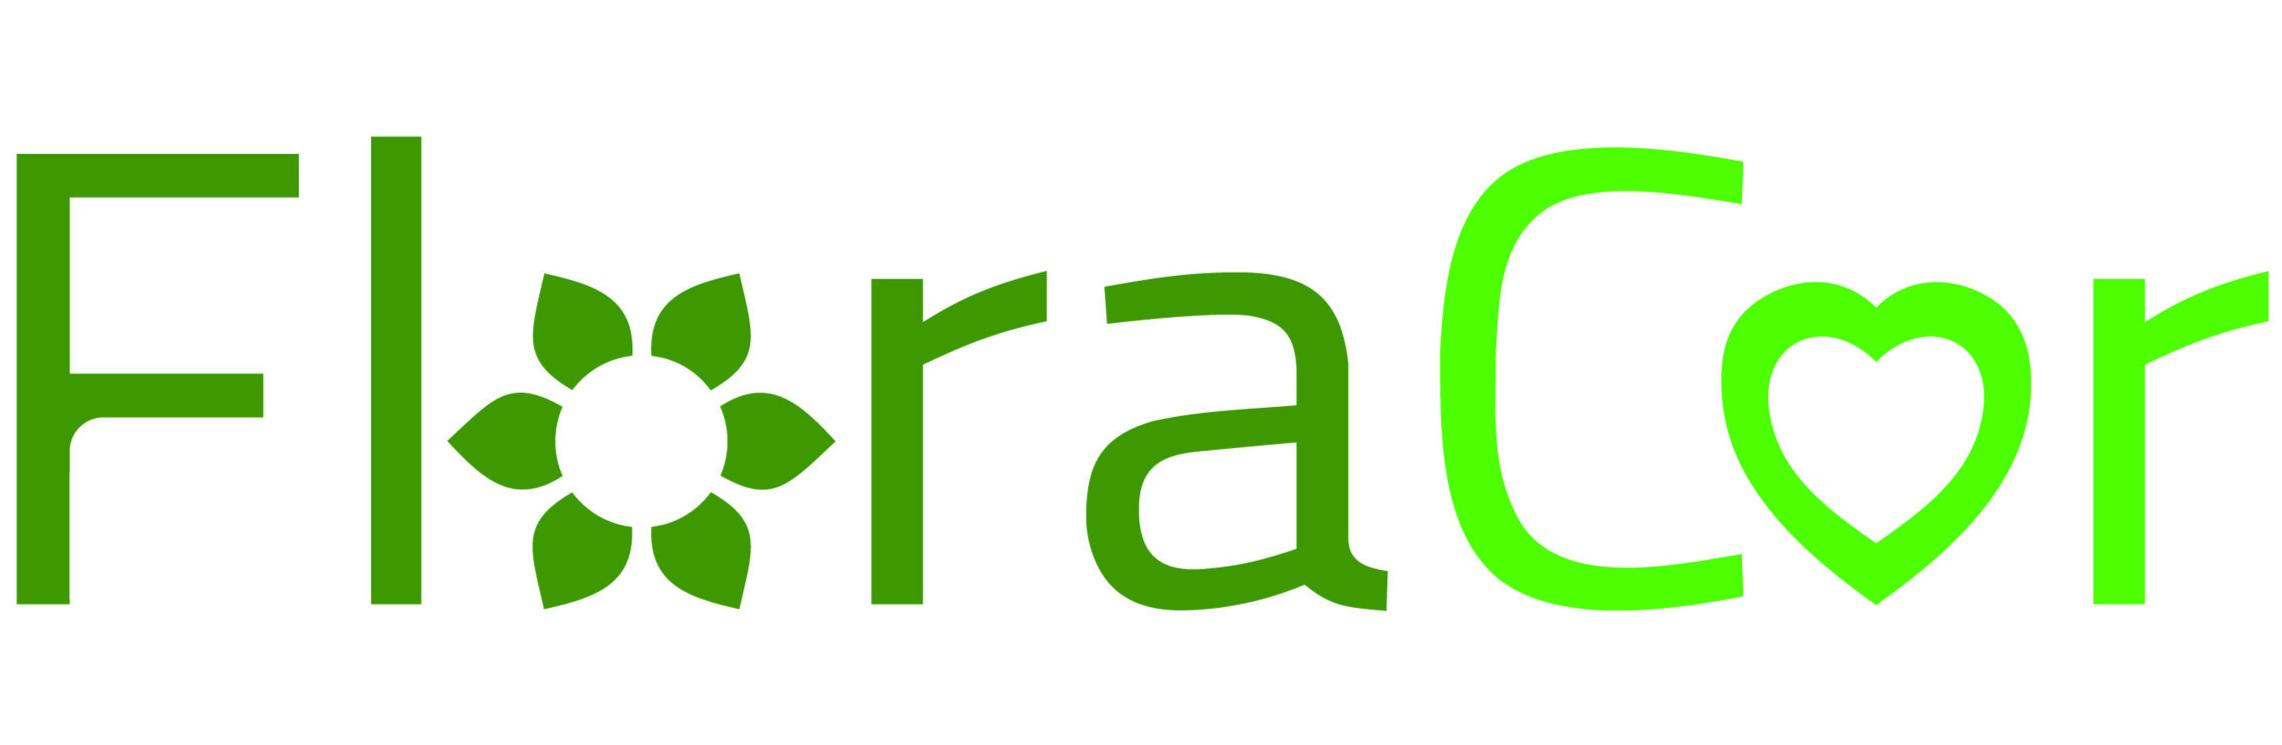 logo_floracor-01.jpg